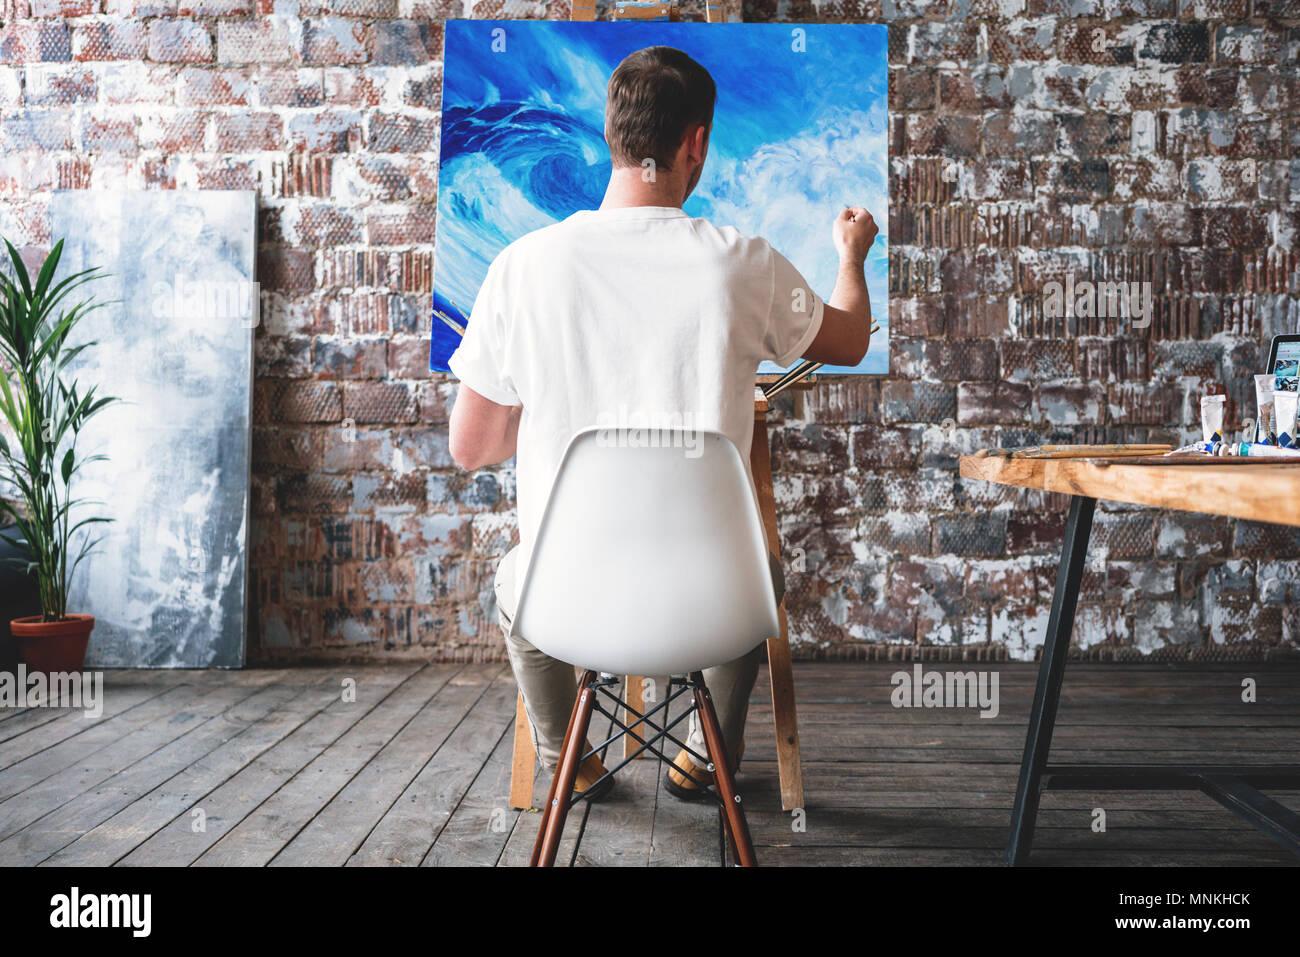 L'artiste l'homme assis sur une chaise en face de toile sur chevalet et dessin. Peintre travaillant dans l'atelier. Oeuvre d'art Photo Stock